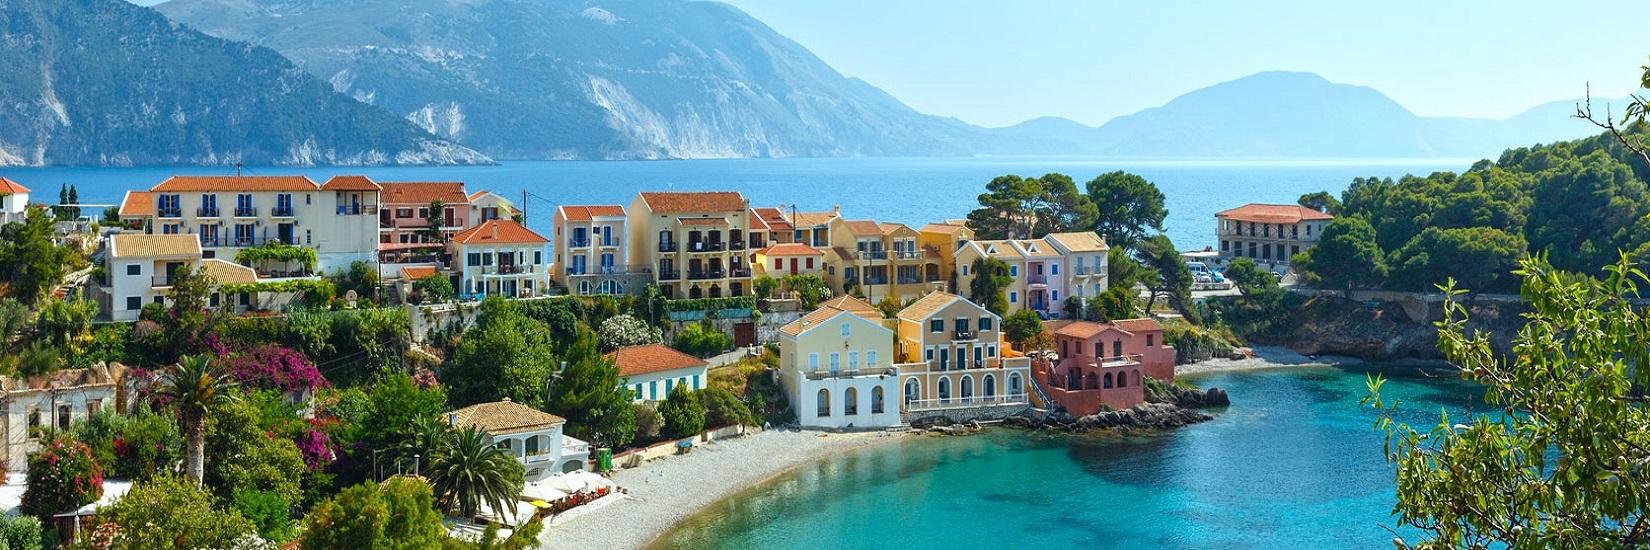 Due parole su Cefalonia…baie e porti del Mar Ionio Greco a bordo del Moana60!